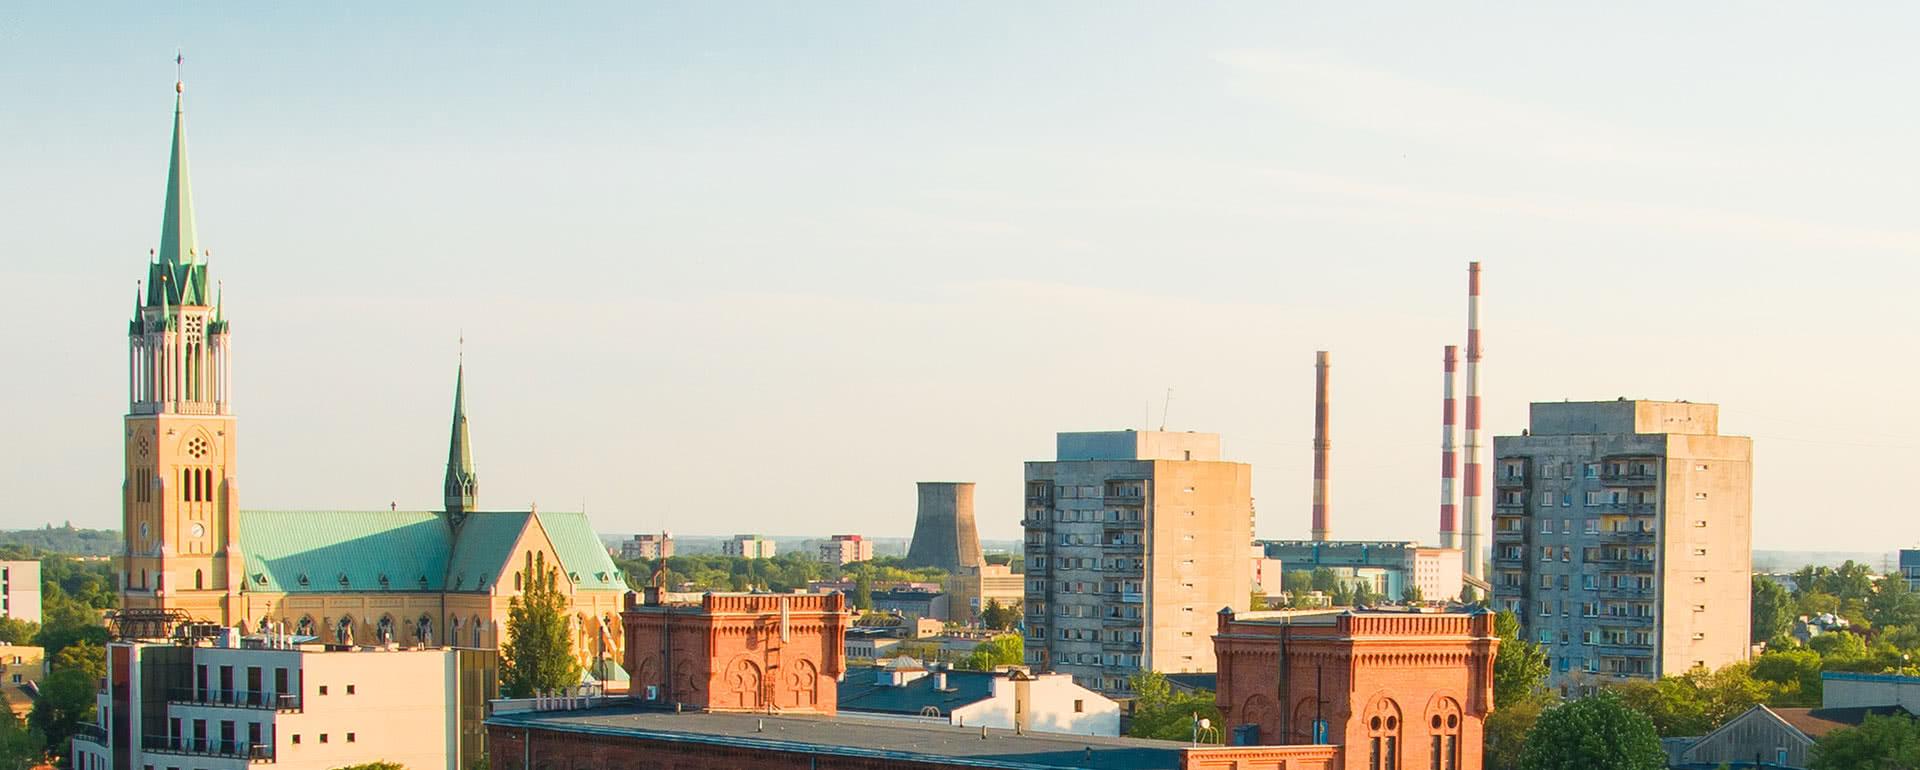 Titelbild von Lodz